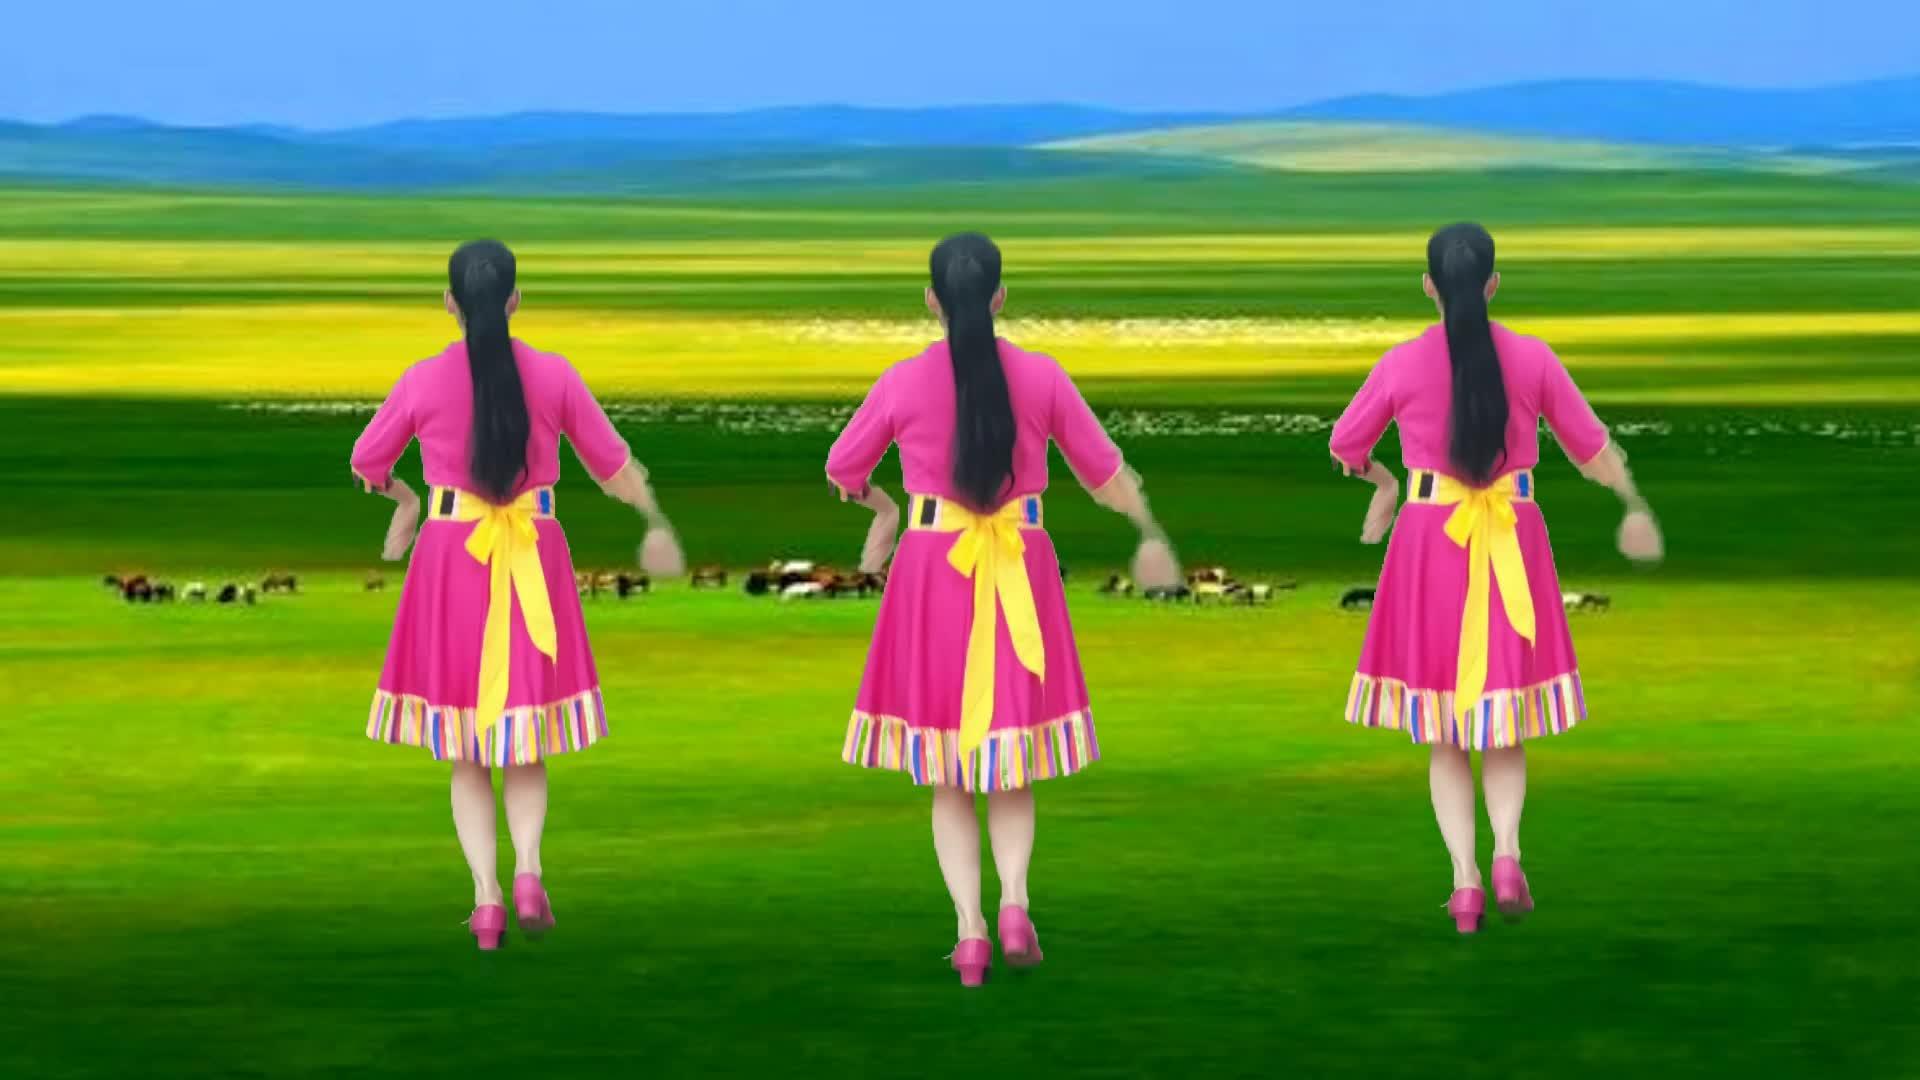 草原天籁广场舞《雪山阿佳》优美大气